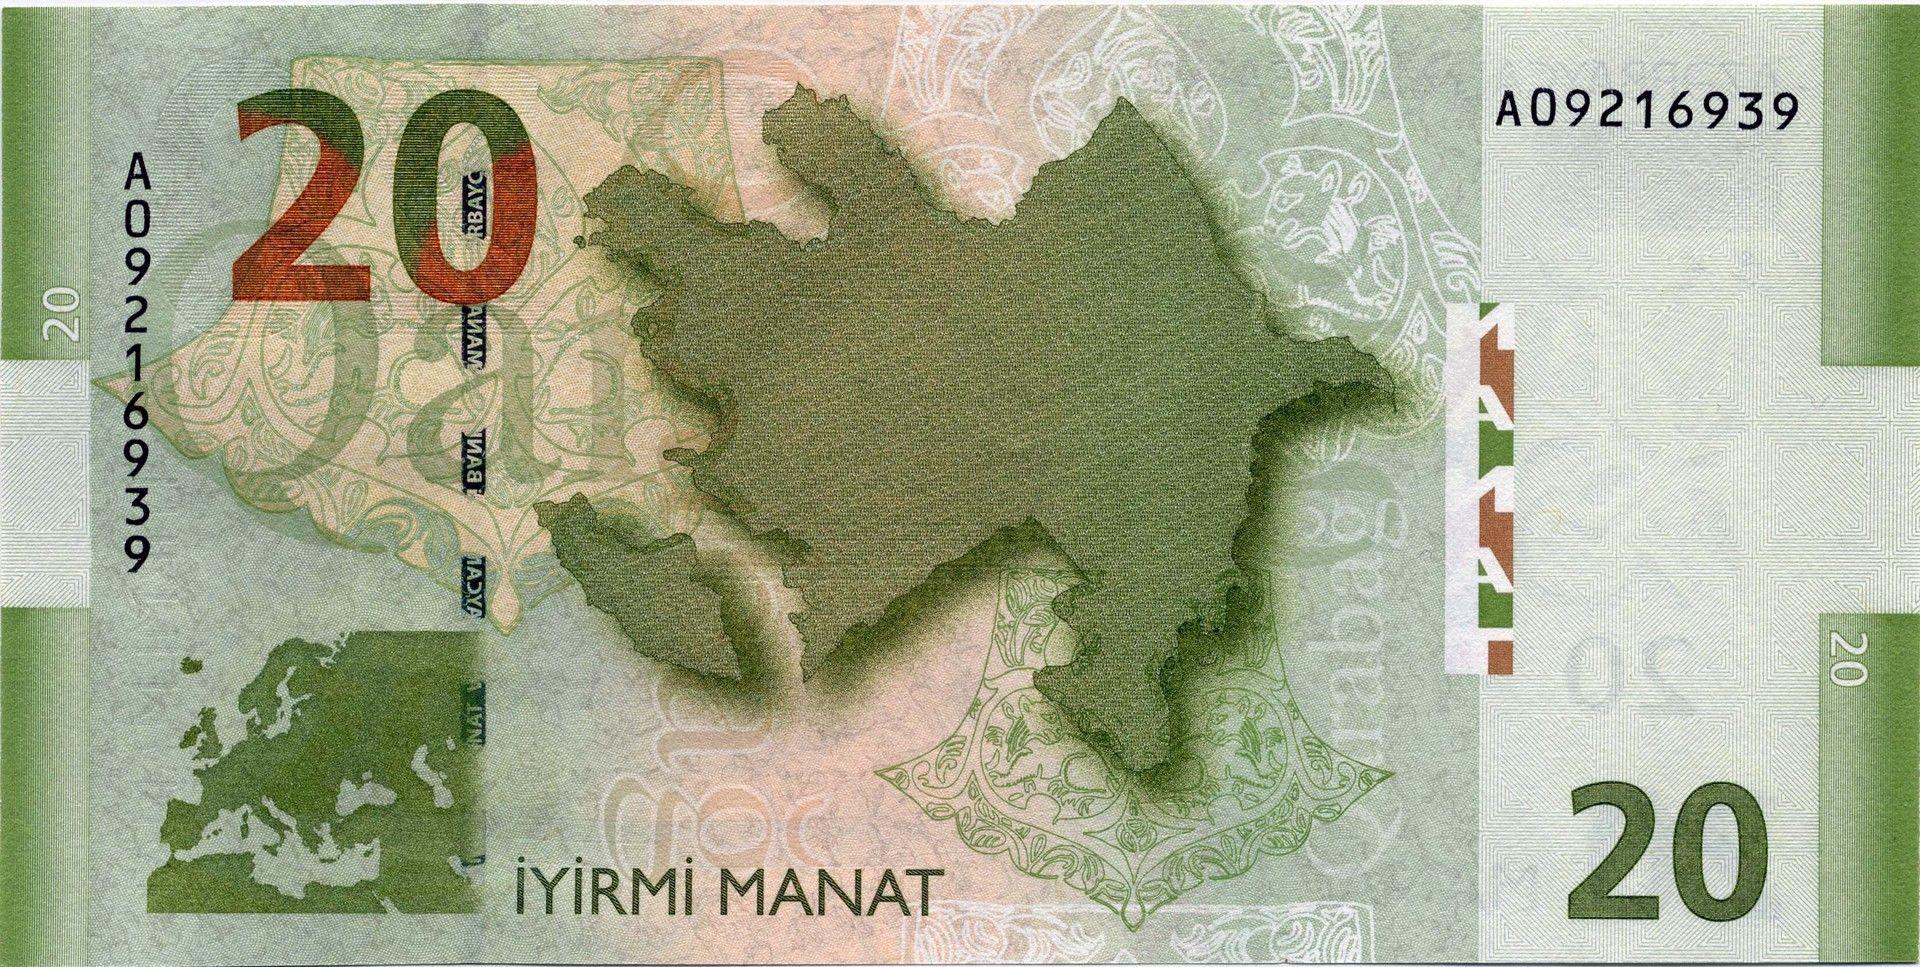 Manat Wallpaper Wallpaper Hd Wallpaper Decor